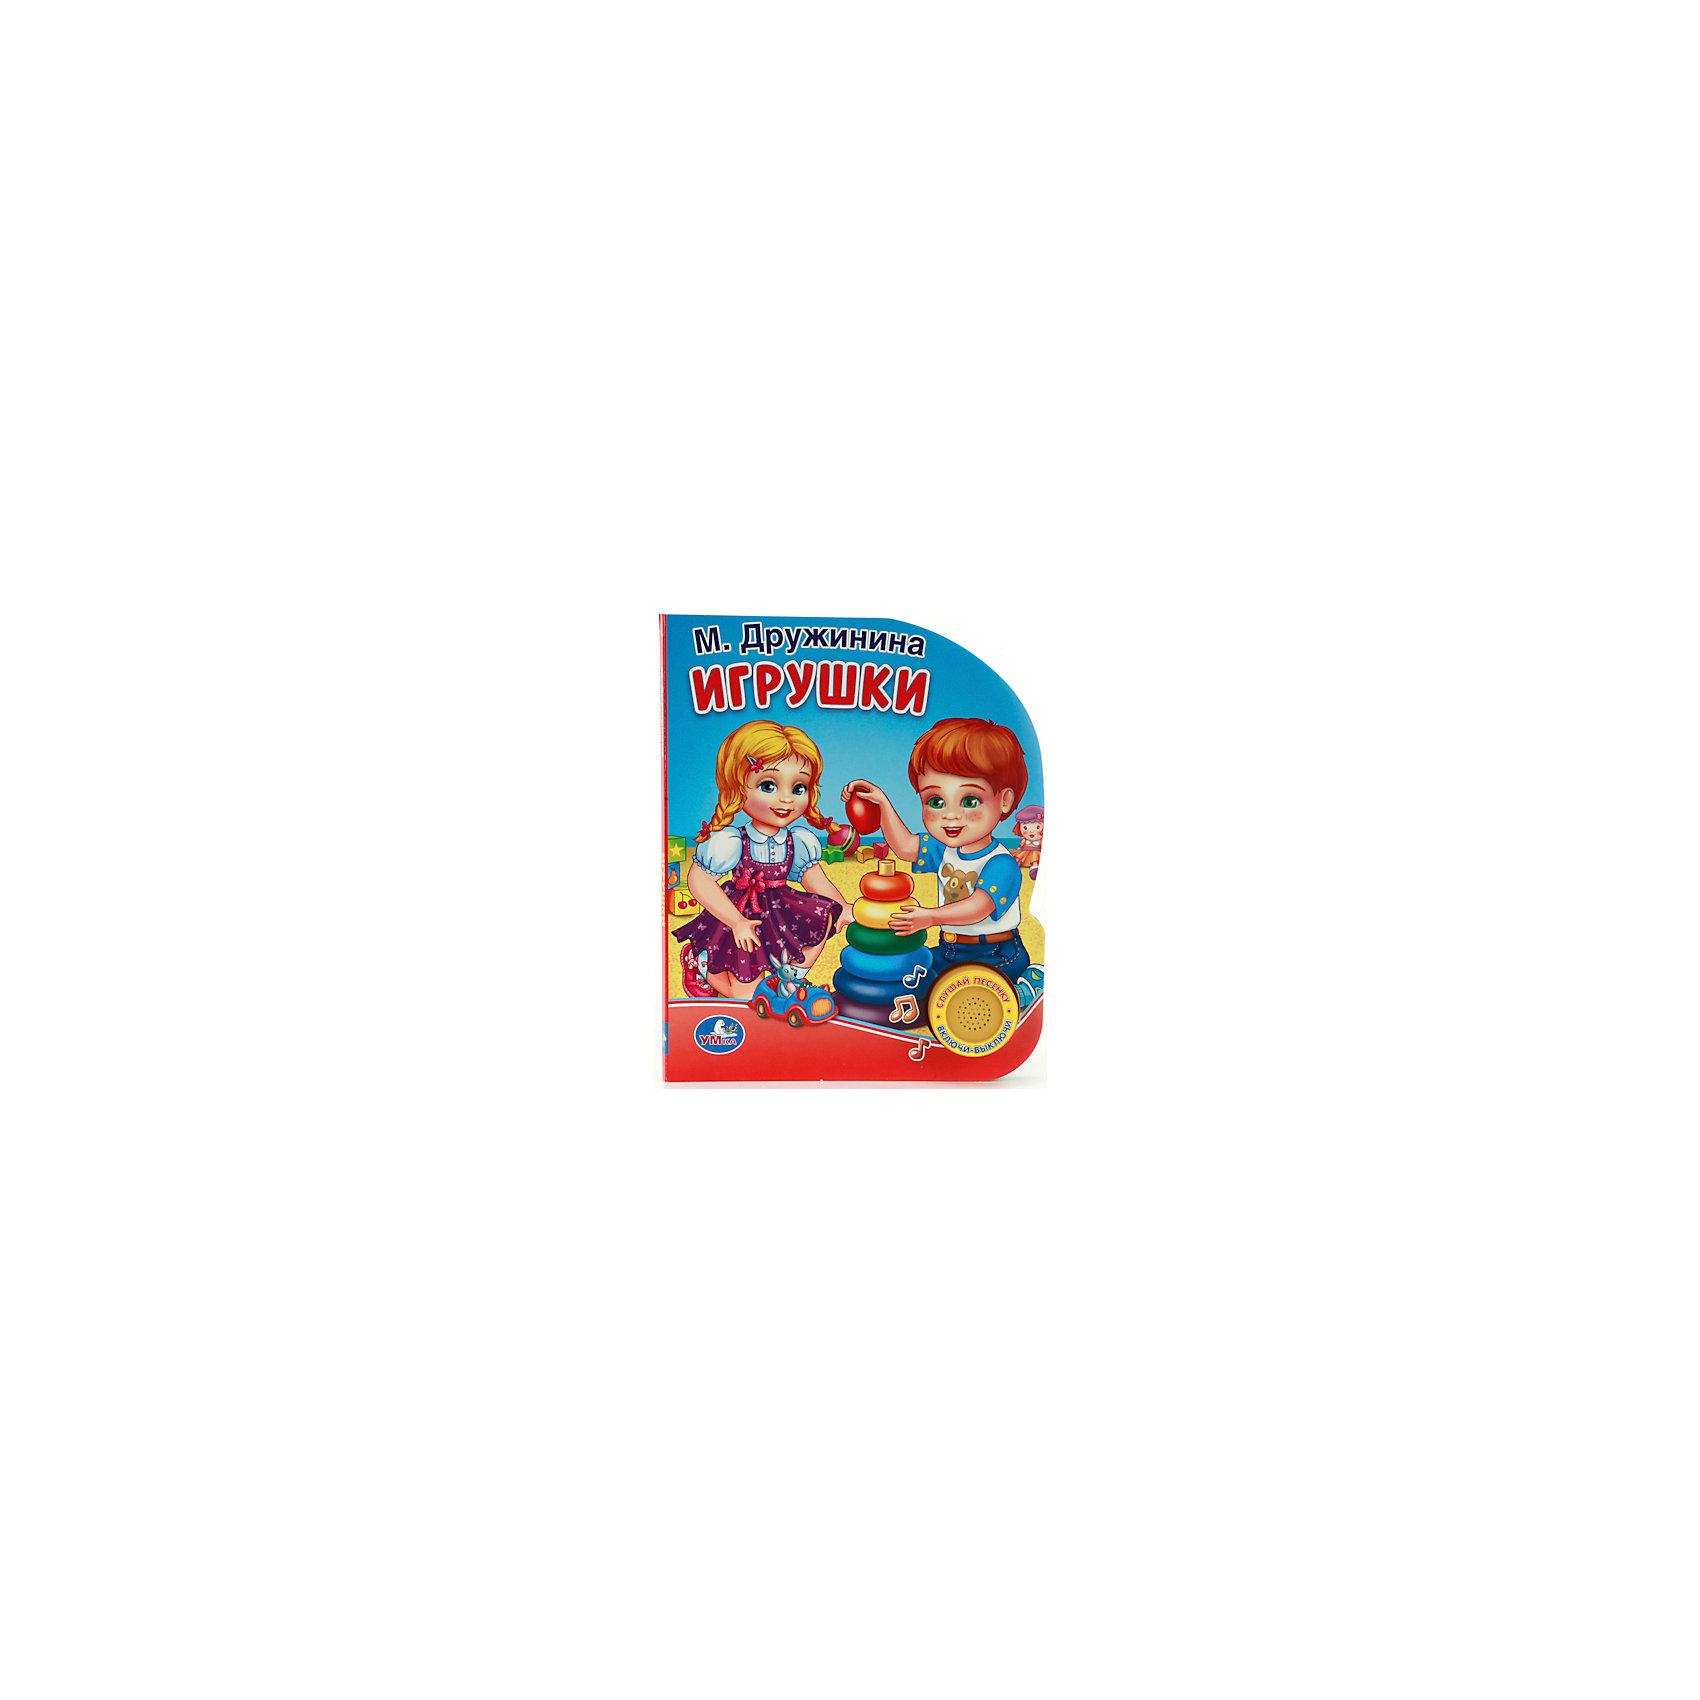 Игрушки, М. Дружинина, УмкаЯркая и красочная книга Игрушки прекрасного автора Марины Дружининой от Умка непременно понравится Вашему малышу! Замечательные стихи о первых игрушках малыша, сопровождающиеся красочными иллюстрациями, способствуют развитию памяти и чувства ритма. На обложке есть кнопка, нажав которую, малыш услышит веселую песенку. Прочные картонные страницы гарантируют долговечность книжки. Великолепный выбор для маленьких исследователей!<br><br>Дополнительная информация:<br>- автор: Марина Дружинина<br>- рекомендуемый возраст: от 1 года<br>- материалы: картон, пластик, металл<br>- обложка: твердая<br>- тип питания: батарейки 3 х AG13 - в комплекте<br>- размеры: 15 х 18 х 2 см<br>- вес: 180 гр<br><br>Книгу Игрушки М. Дружининой, Умка можно купить в нашем магазине<br><br>Ширина мм: 150<br>Глубина мм: 180<br>Высота мм: 20<br>Вес г: 180<br>Возраст от месяцев: 36<br>Возраст до месяцев: 72<br>Пол: Унисекс<br>Возраст: Детский<br>SKU: 4754673